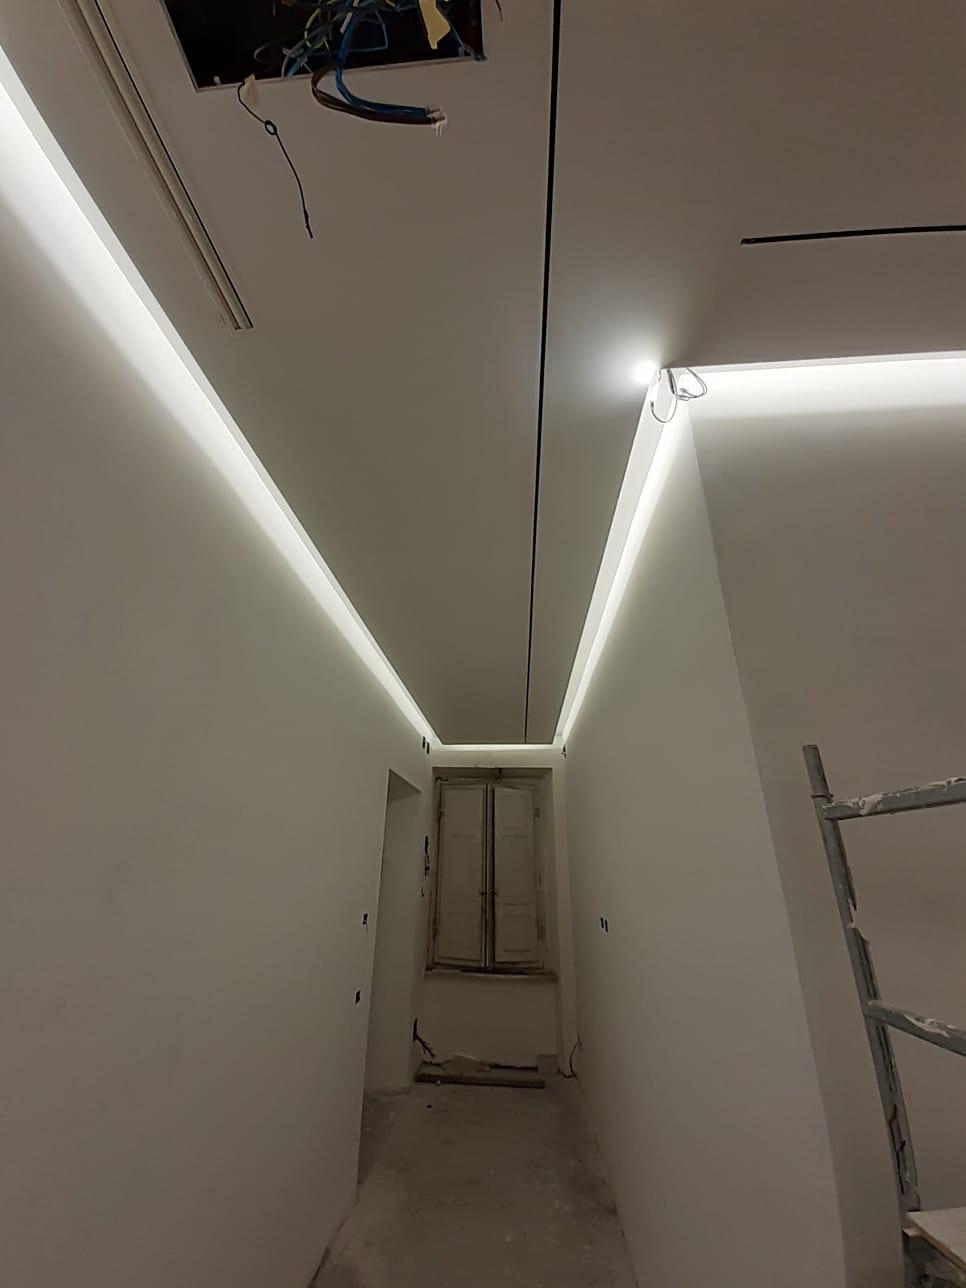 Ristrutturazioni-Roma-Appartamento-App-Image-2019-11-05-at-17.19.05-1